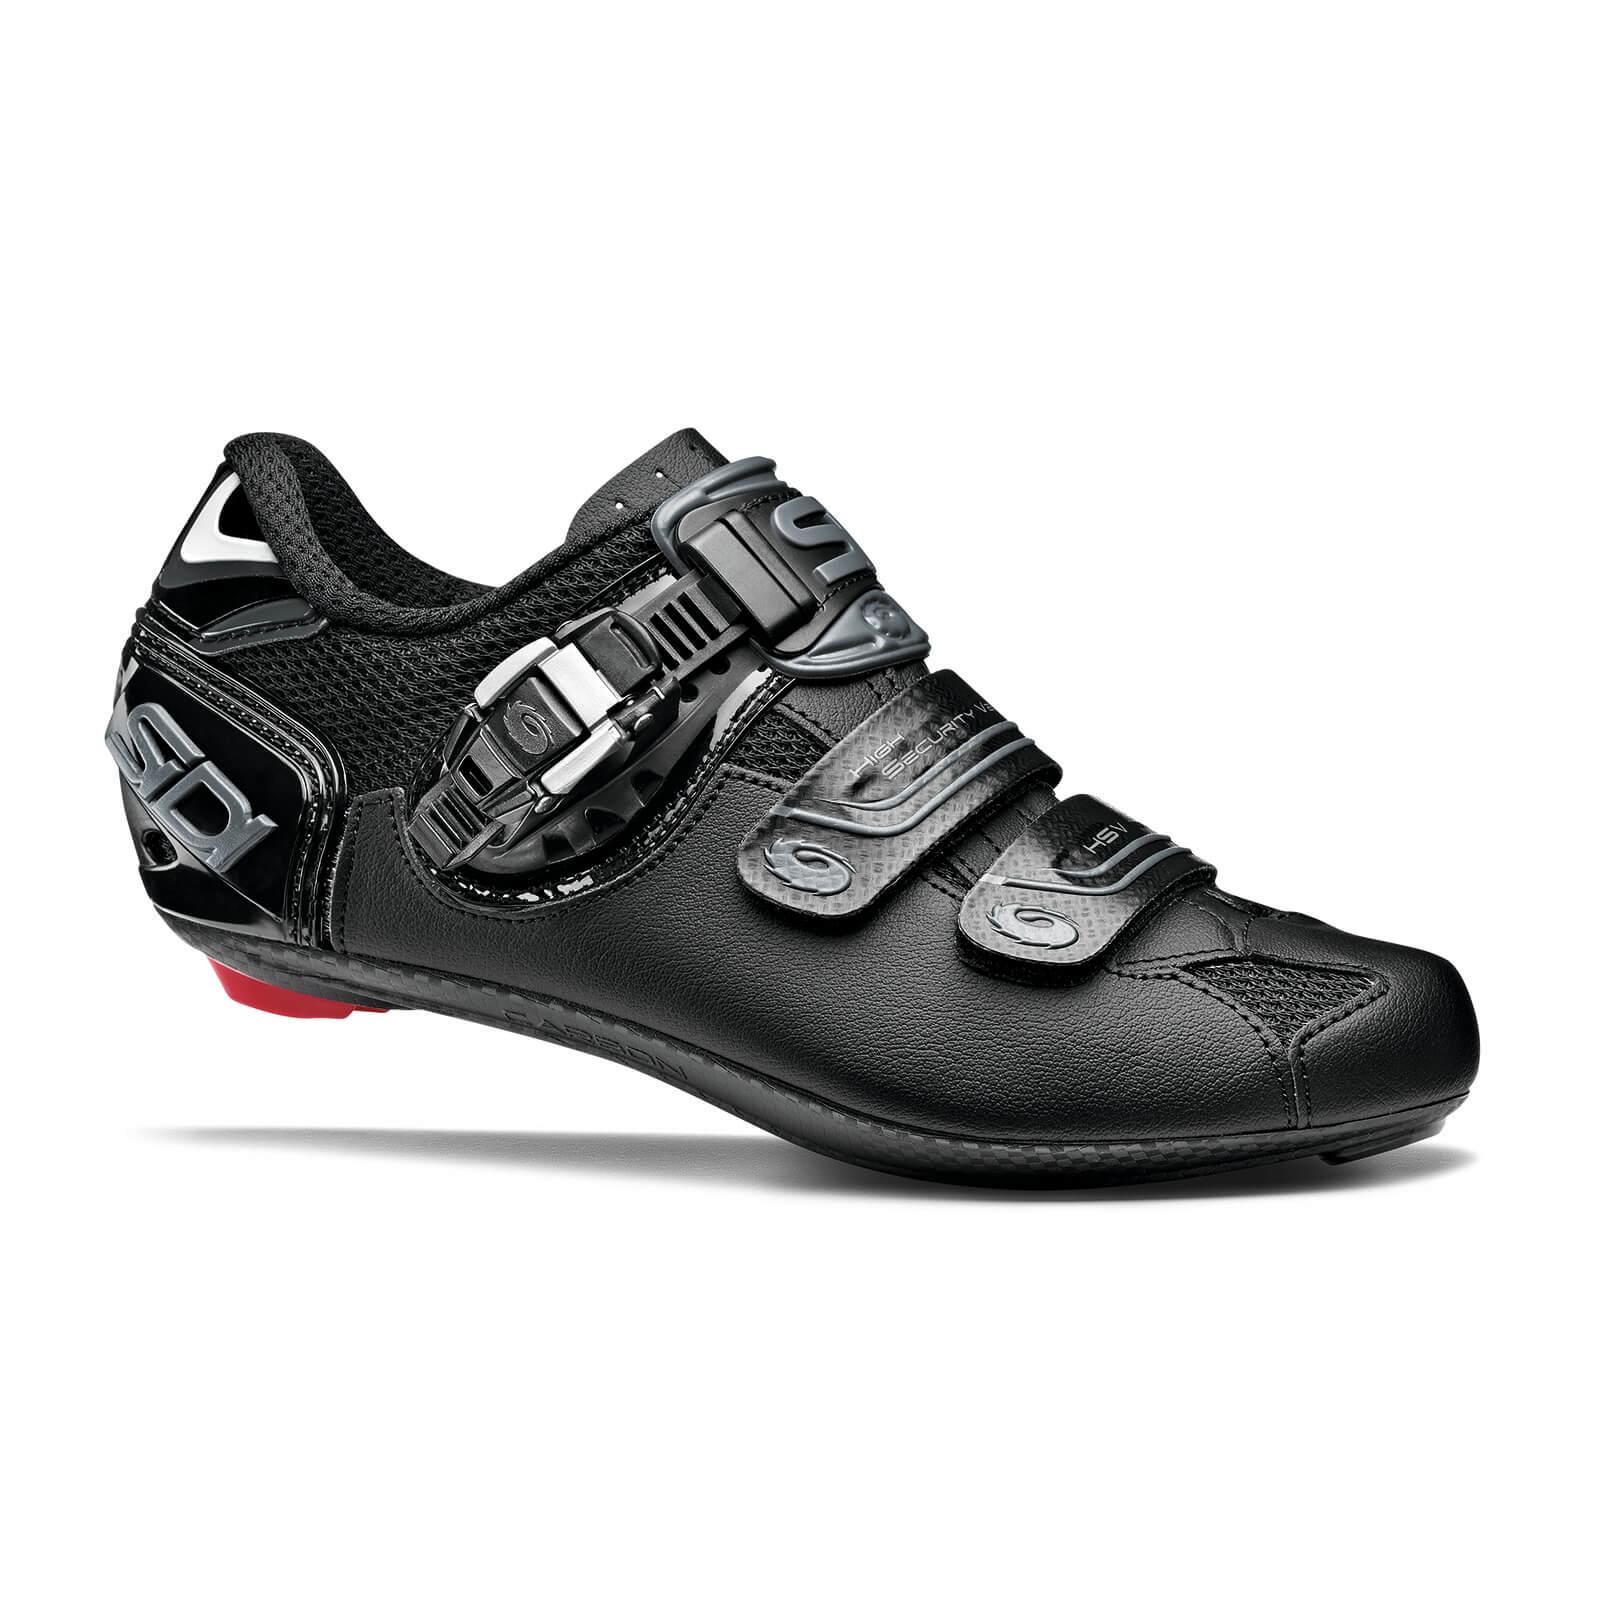 Sidi Women's Genius 7 Road Shoes - Shadow Black - EU 36 - Shadow Black